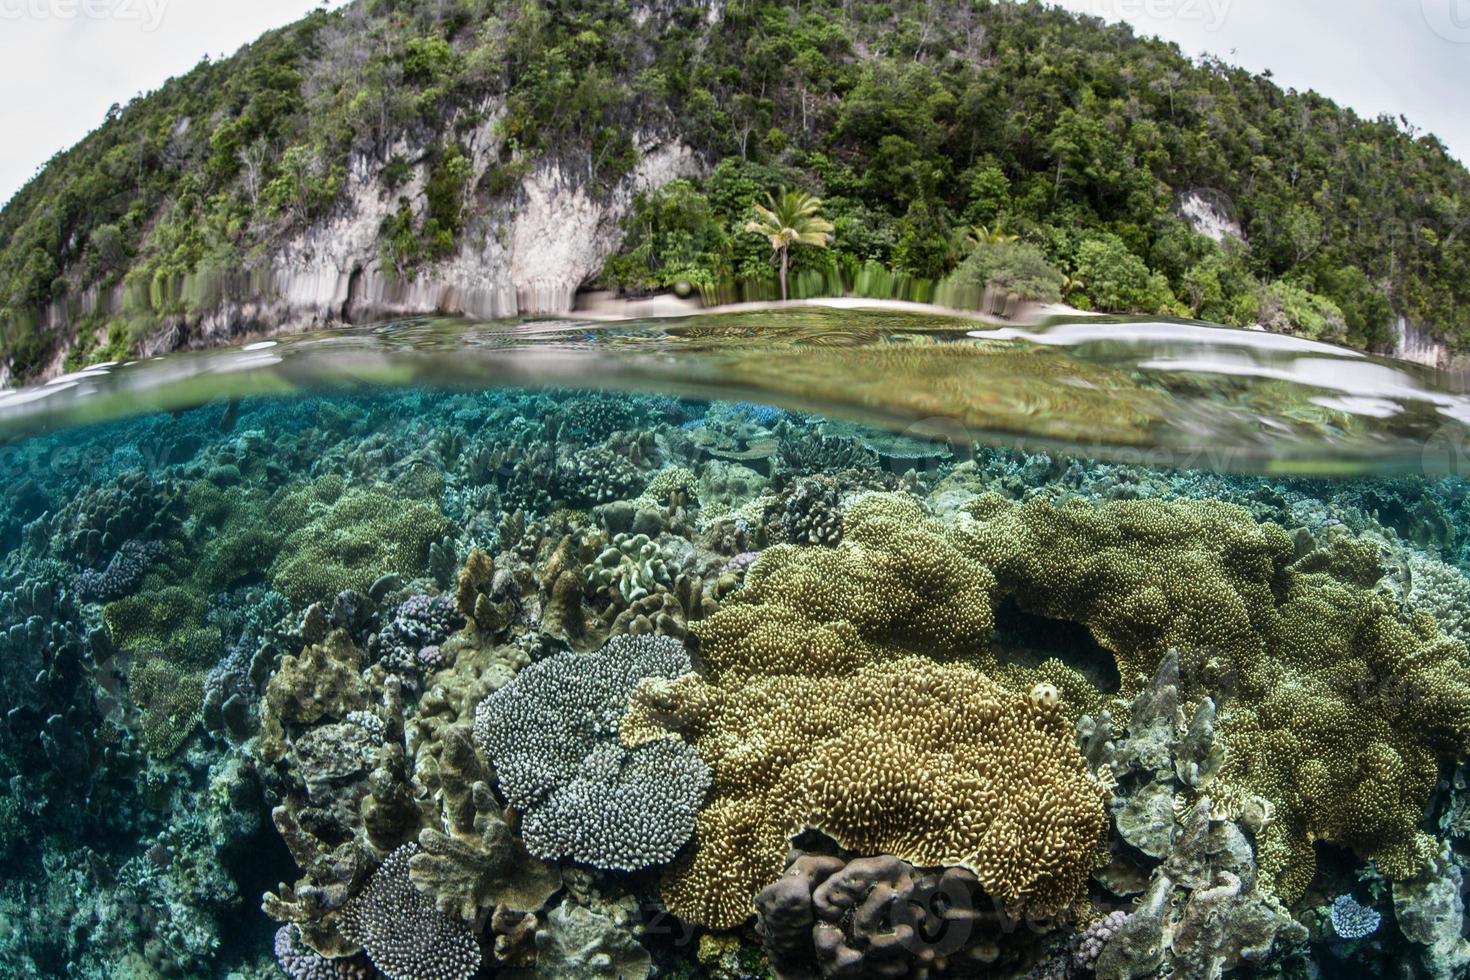 récif corallien, près, île calcaire photo